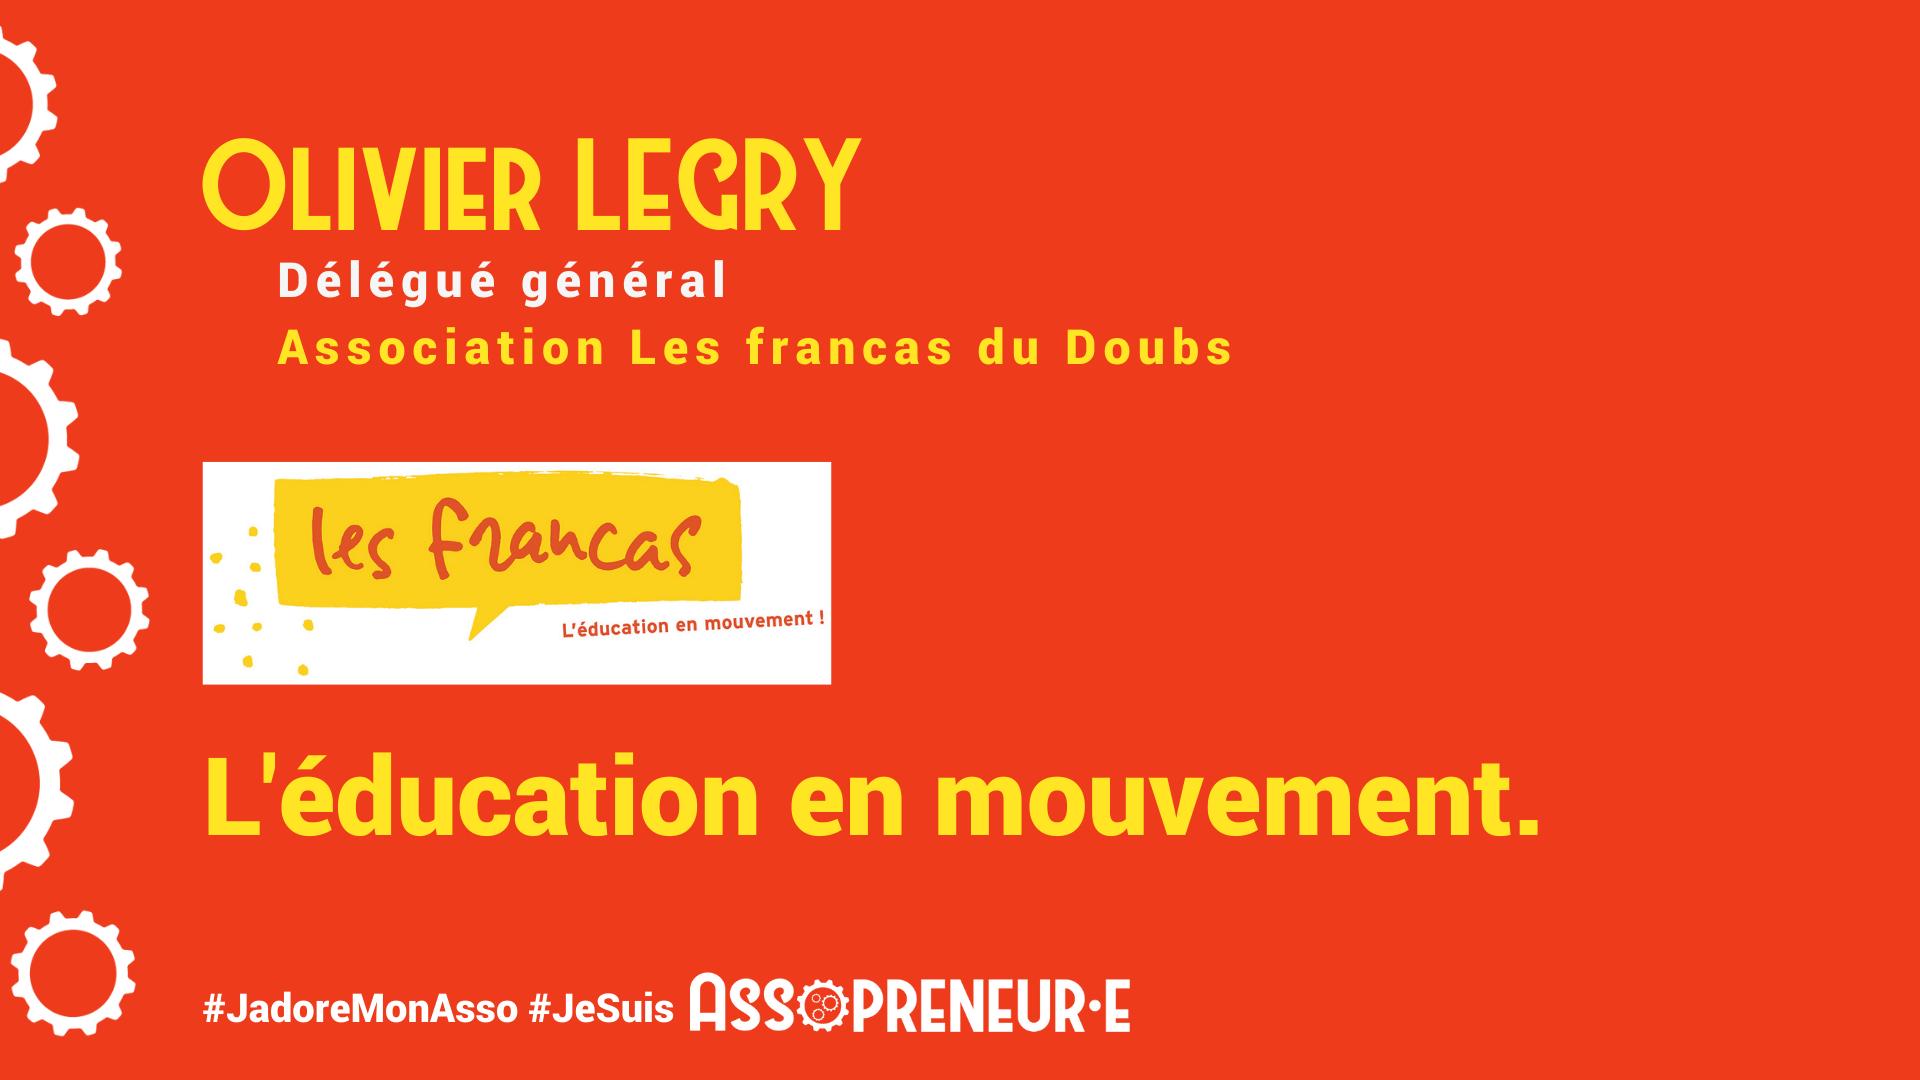 Olivier LEGRY membre programme Assopreneur